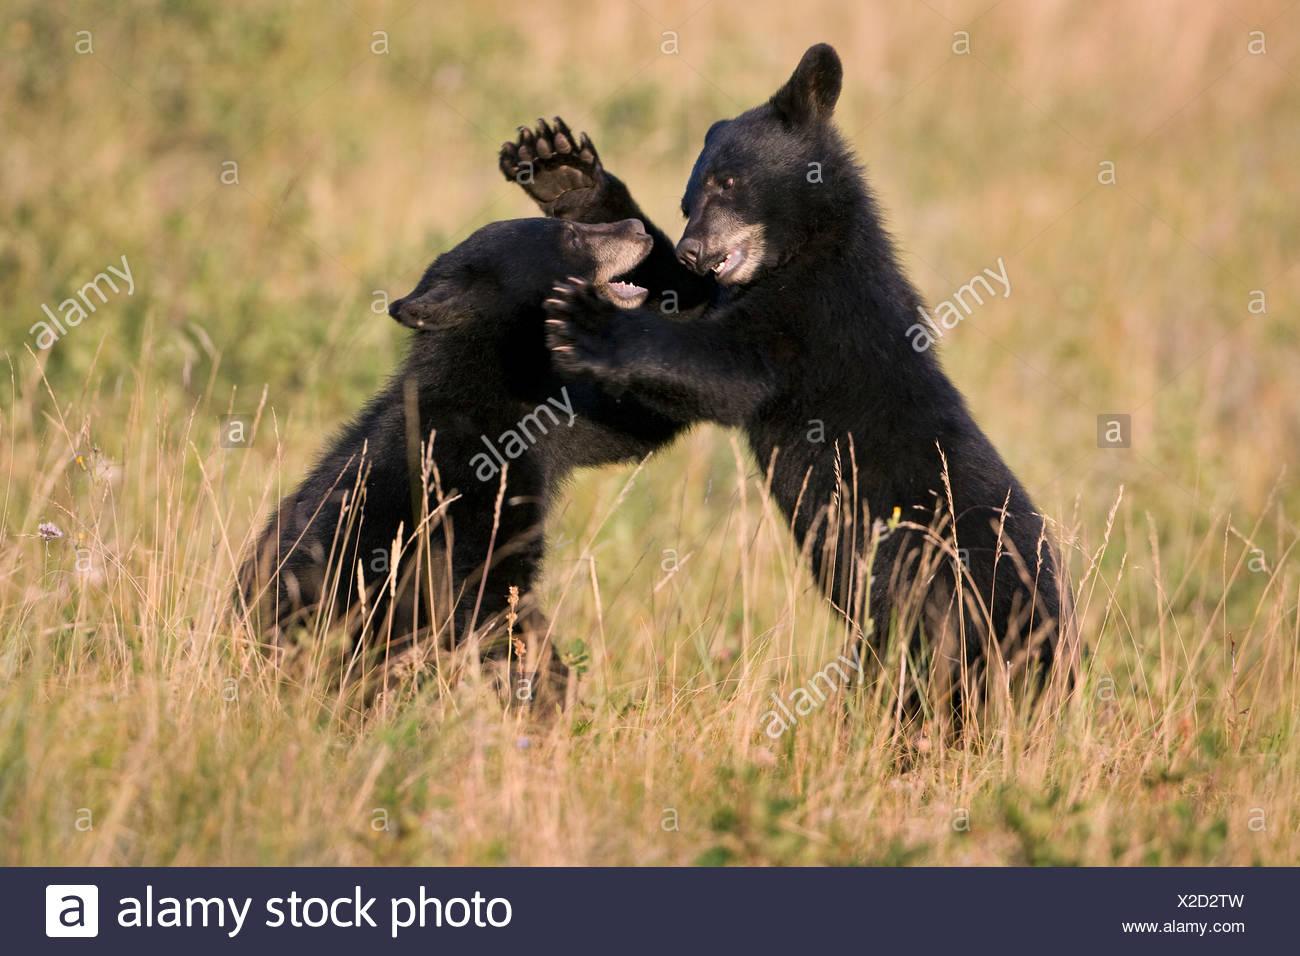 Black Bear cubs (Ursus americanus), il gioco di wrestling, Parco Nazionale dei laghi di Waterton, Alberta, Canada. Immagini Stock